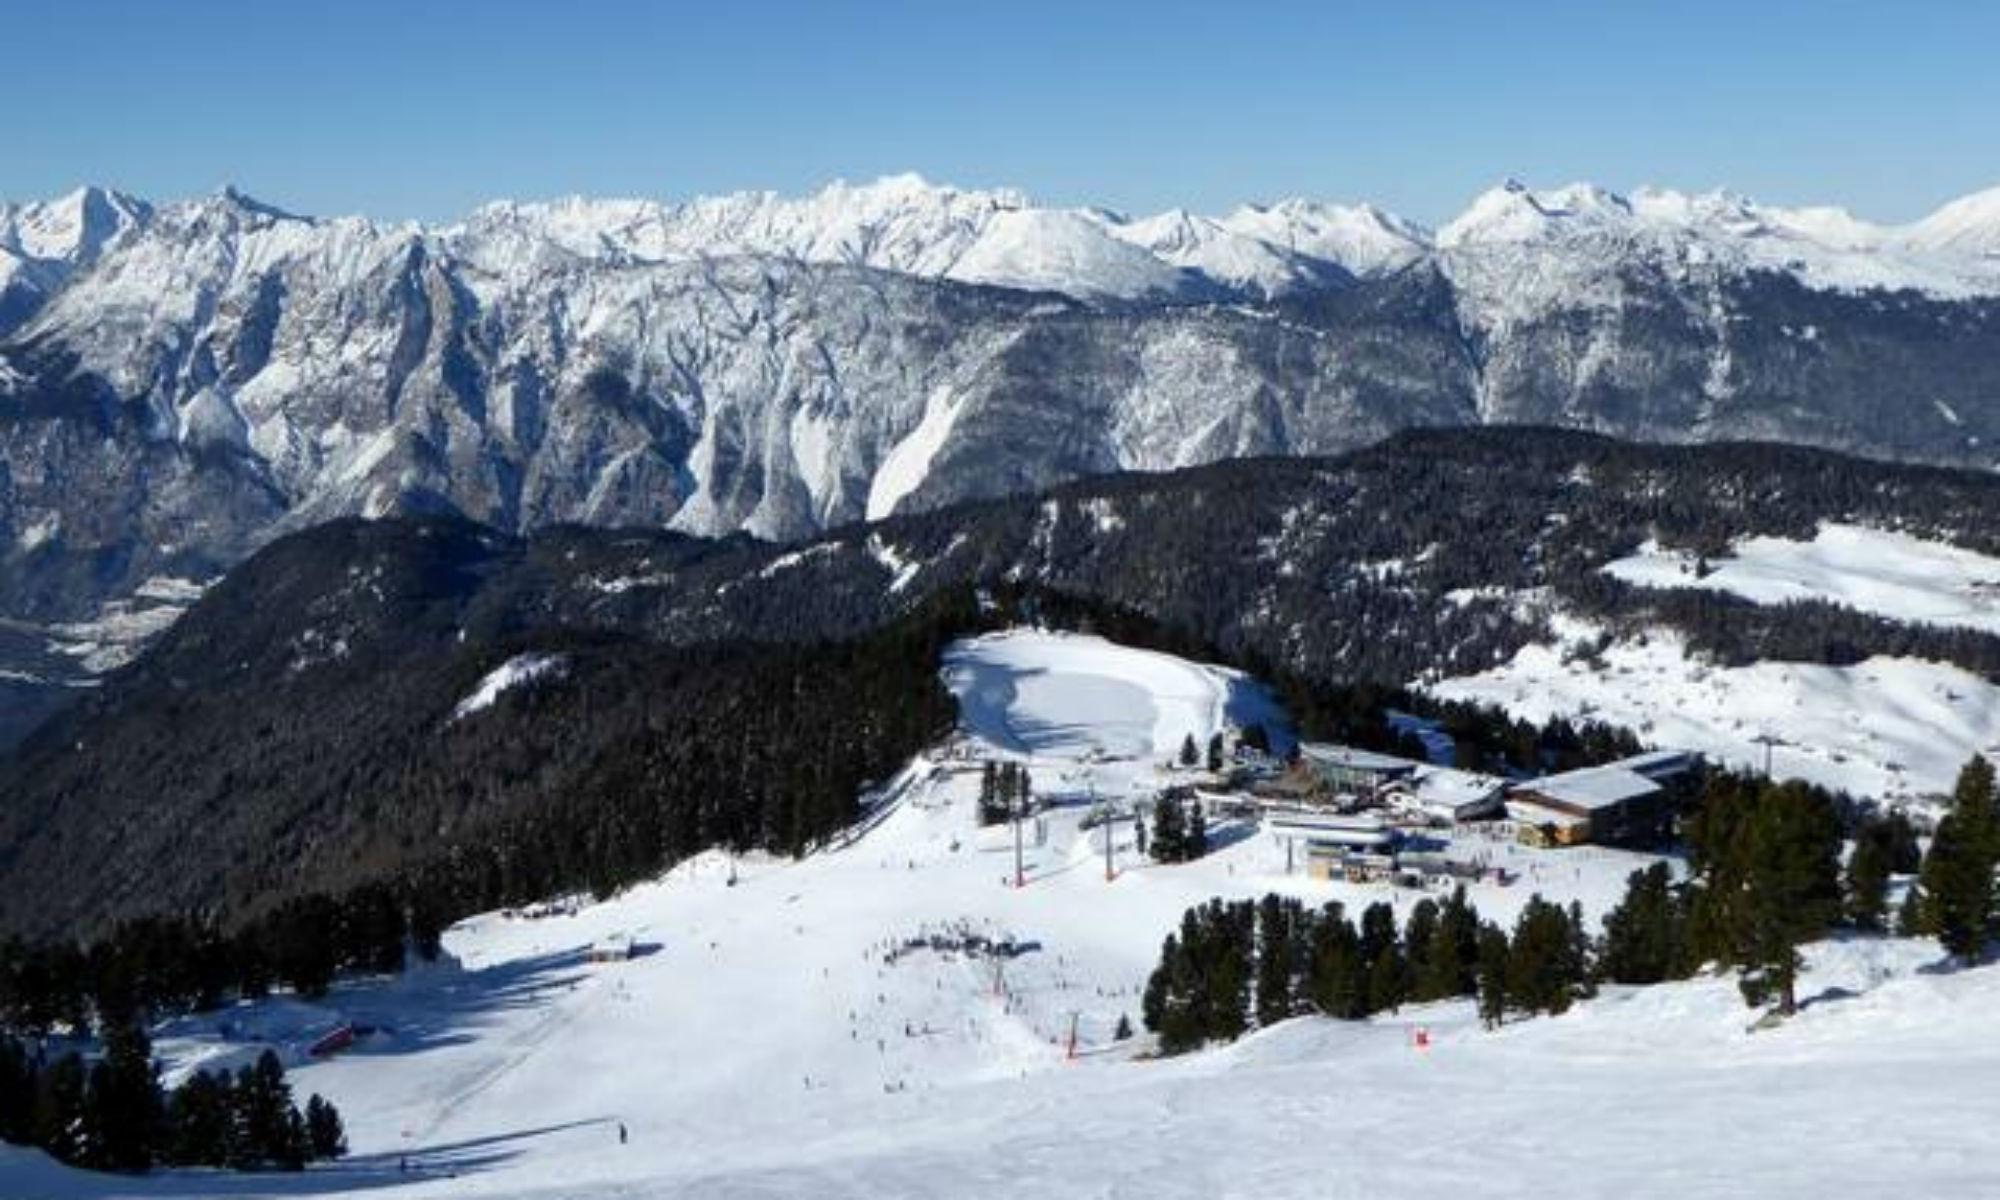 Ausblick auf die Bergstation der Acherkogelbahn im Skigebiet Oetz-Hochoetz und die Ötztaler Alpen.